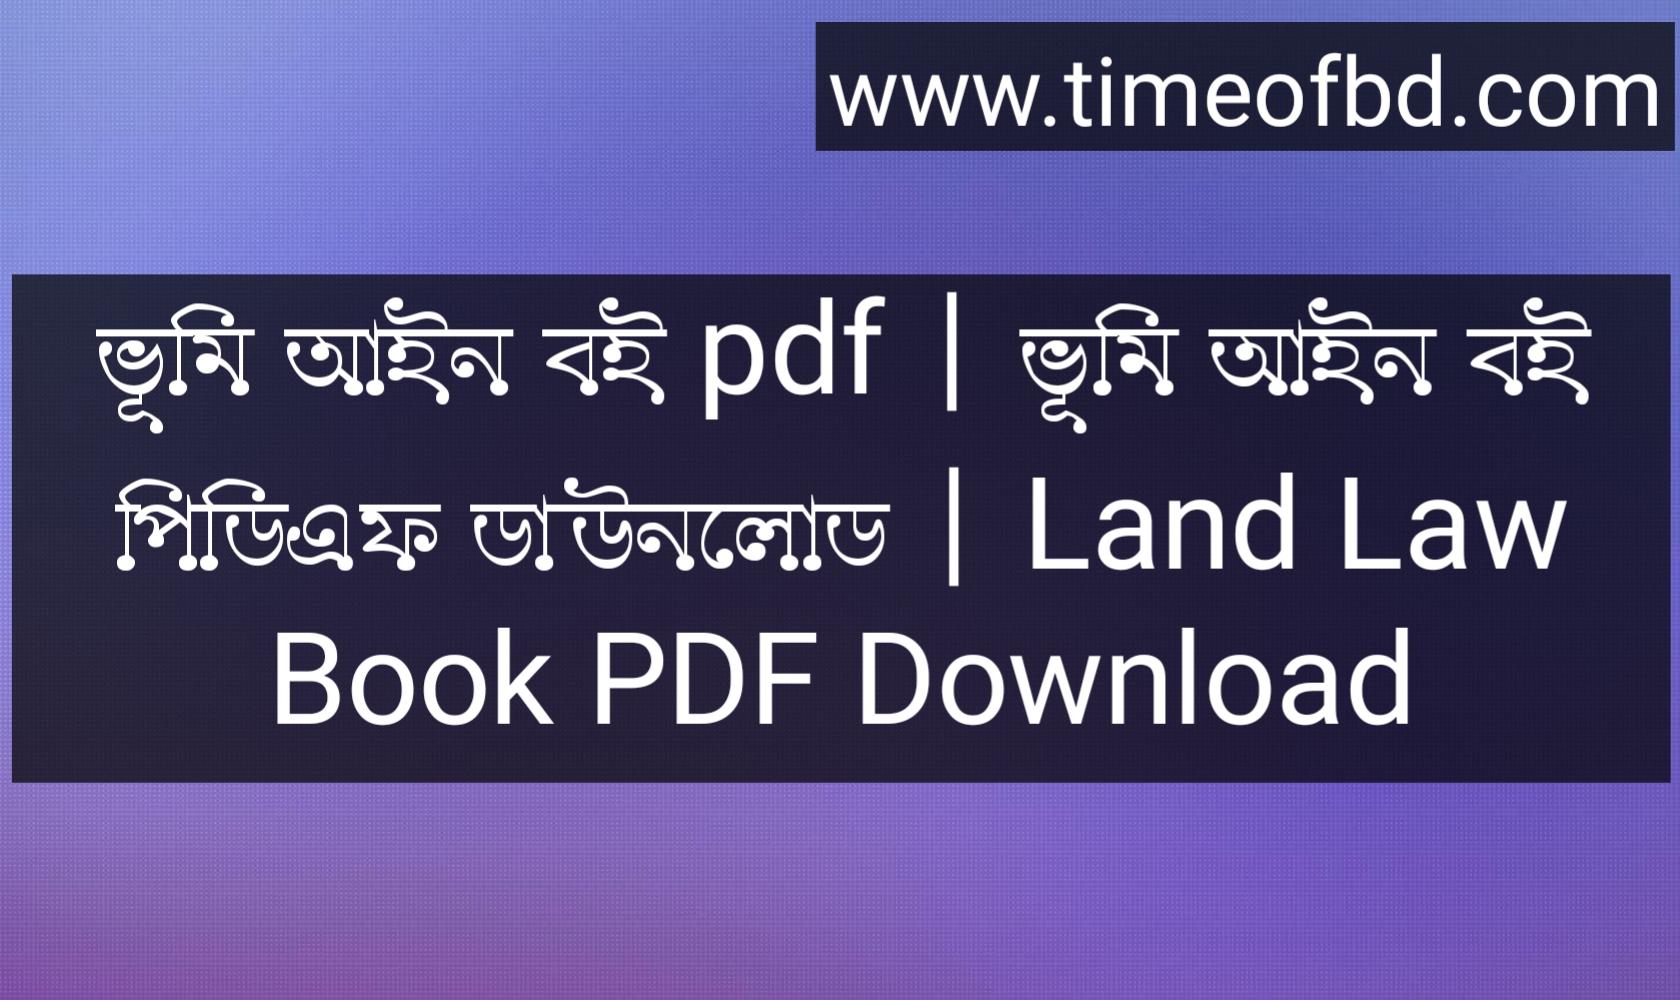 ভূমি আইন বই pdf, ভূমি আইন বই পিডিএফ ডাউনলোড, ভূমি আইন বই পিডিএফ, ভূমি আইন বই pdf download,